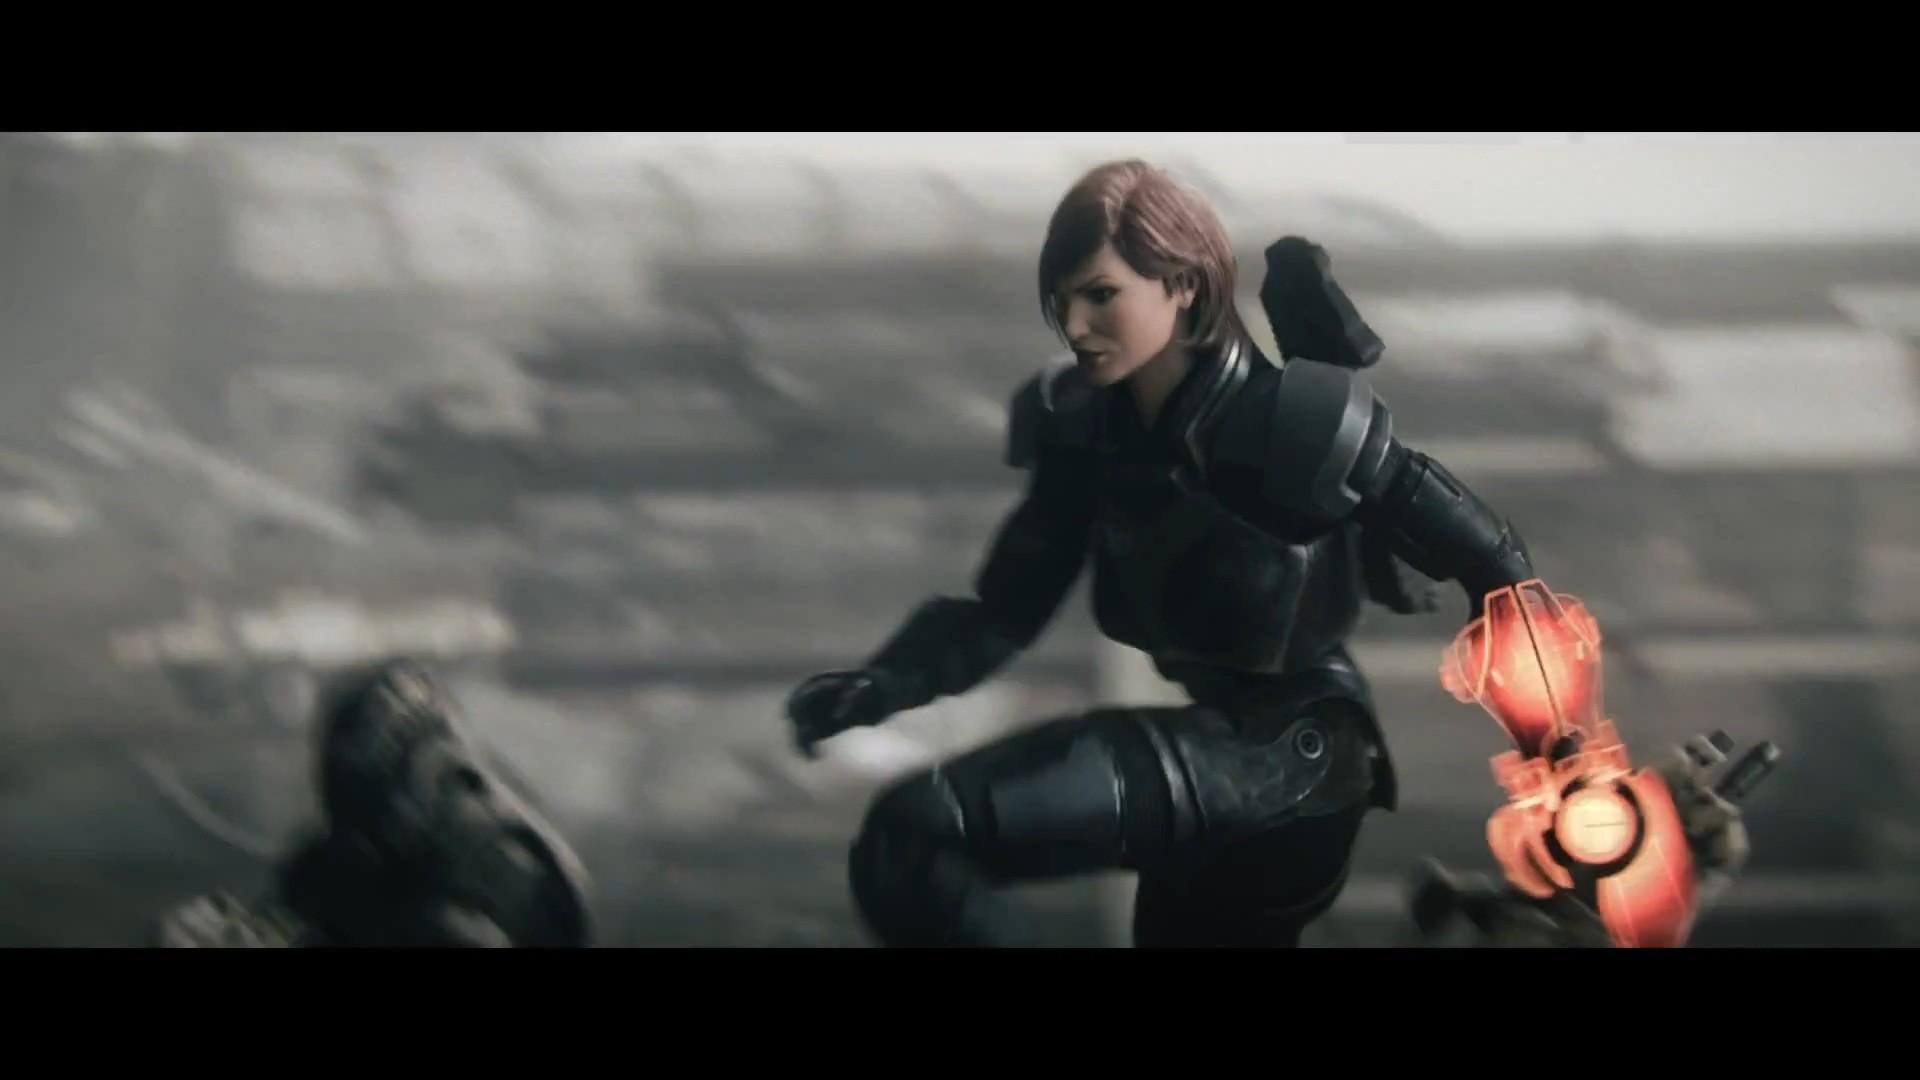 Mass Effect 3 – FemShep by Mass Effect Femshep Wallpaper Hd